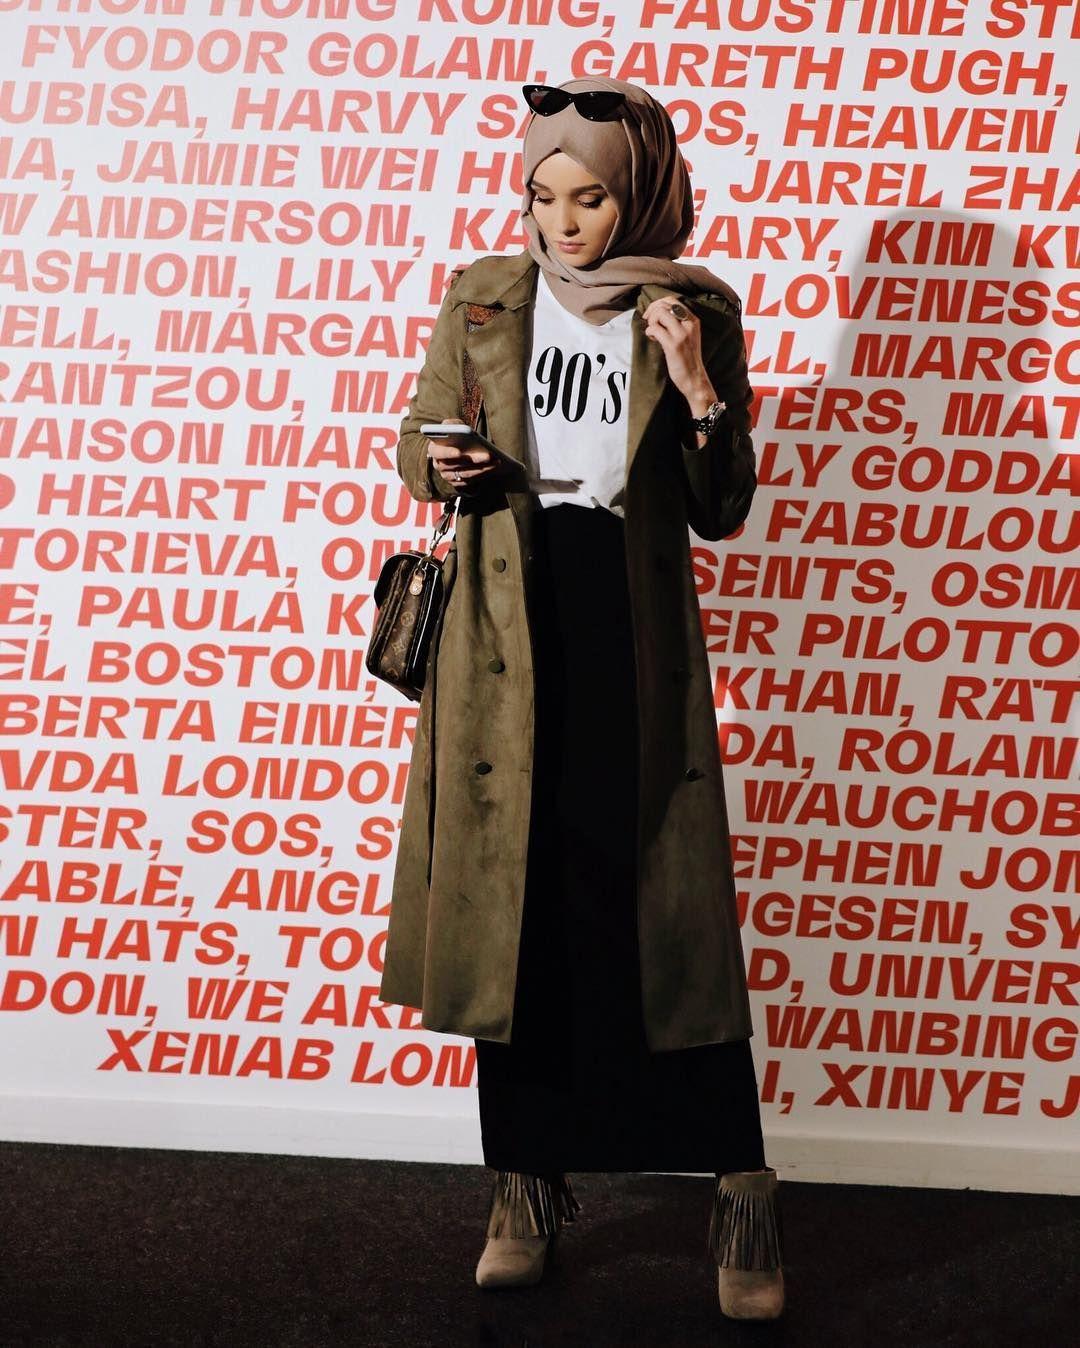 487 7b Takipci 186 Takip Edilen 1 602 Gonderi Alexandra Golovkova In Golovkova S Instagram Fotograflarini Ve Videola Moda Stilleri Basortusu Modasi Moda